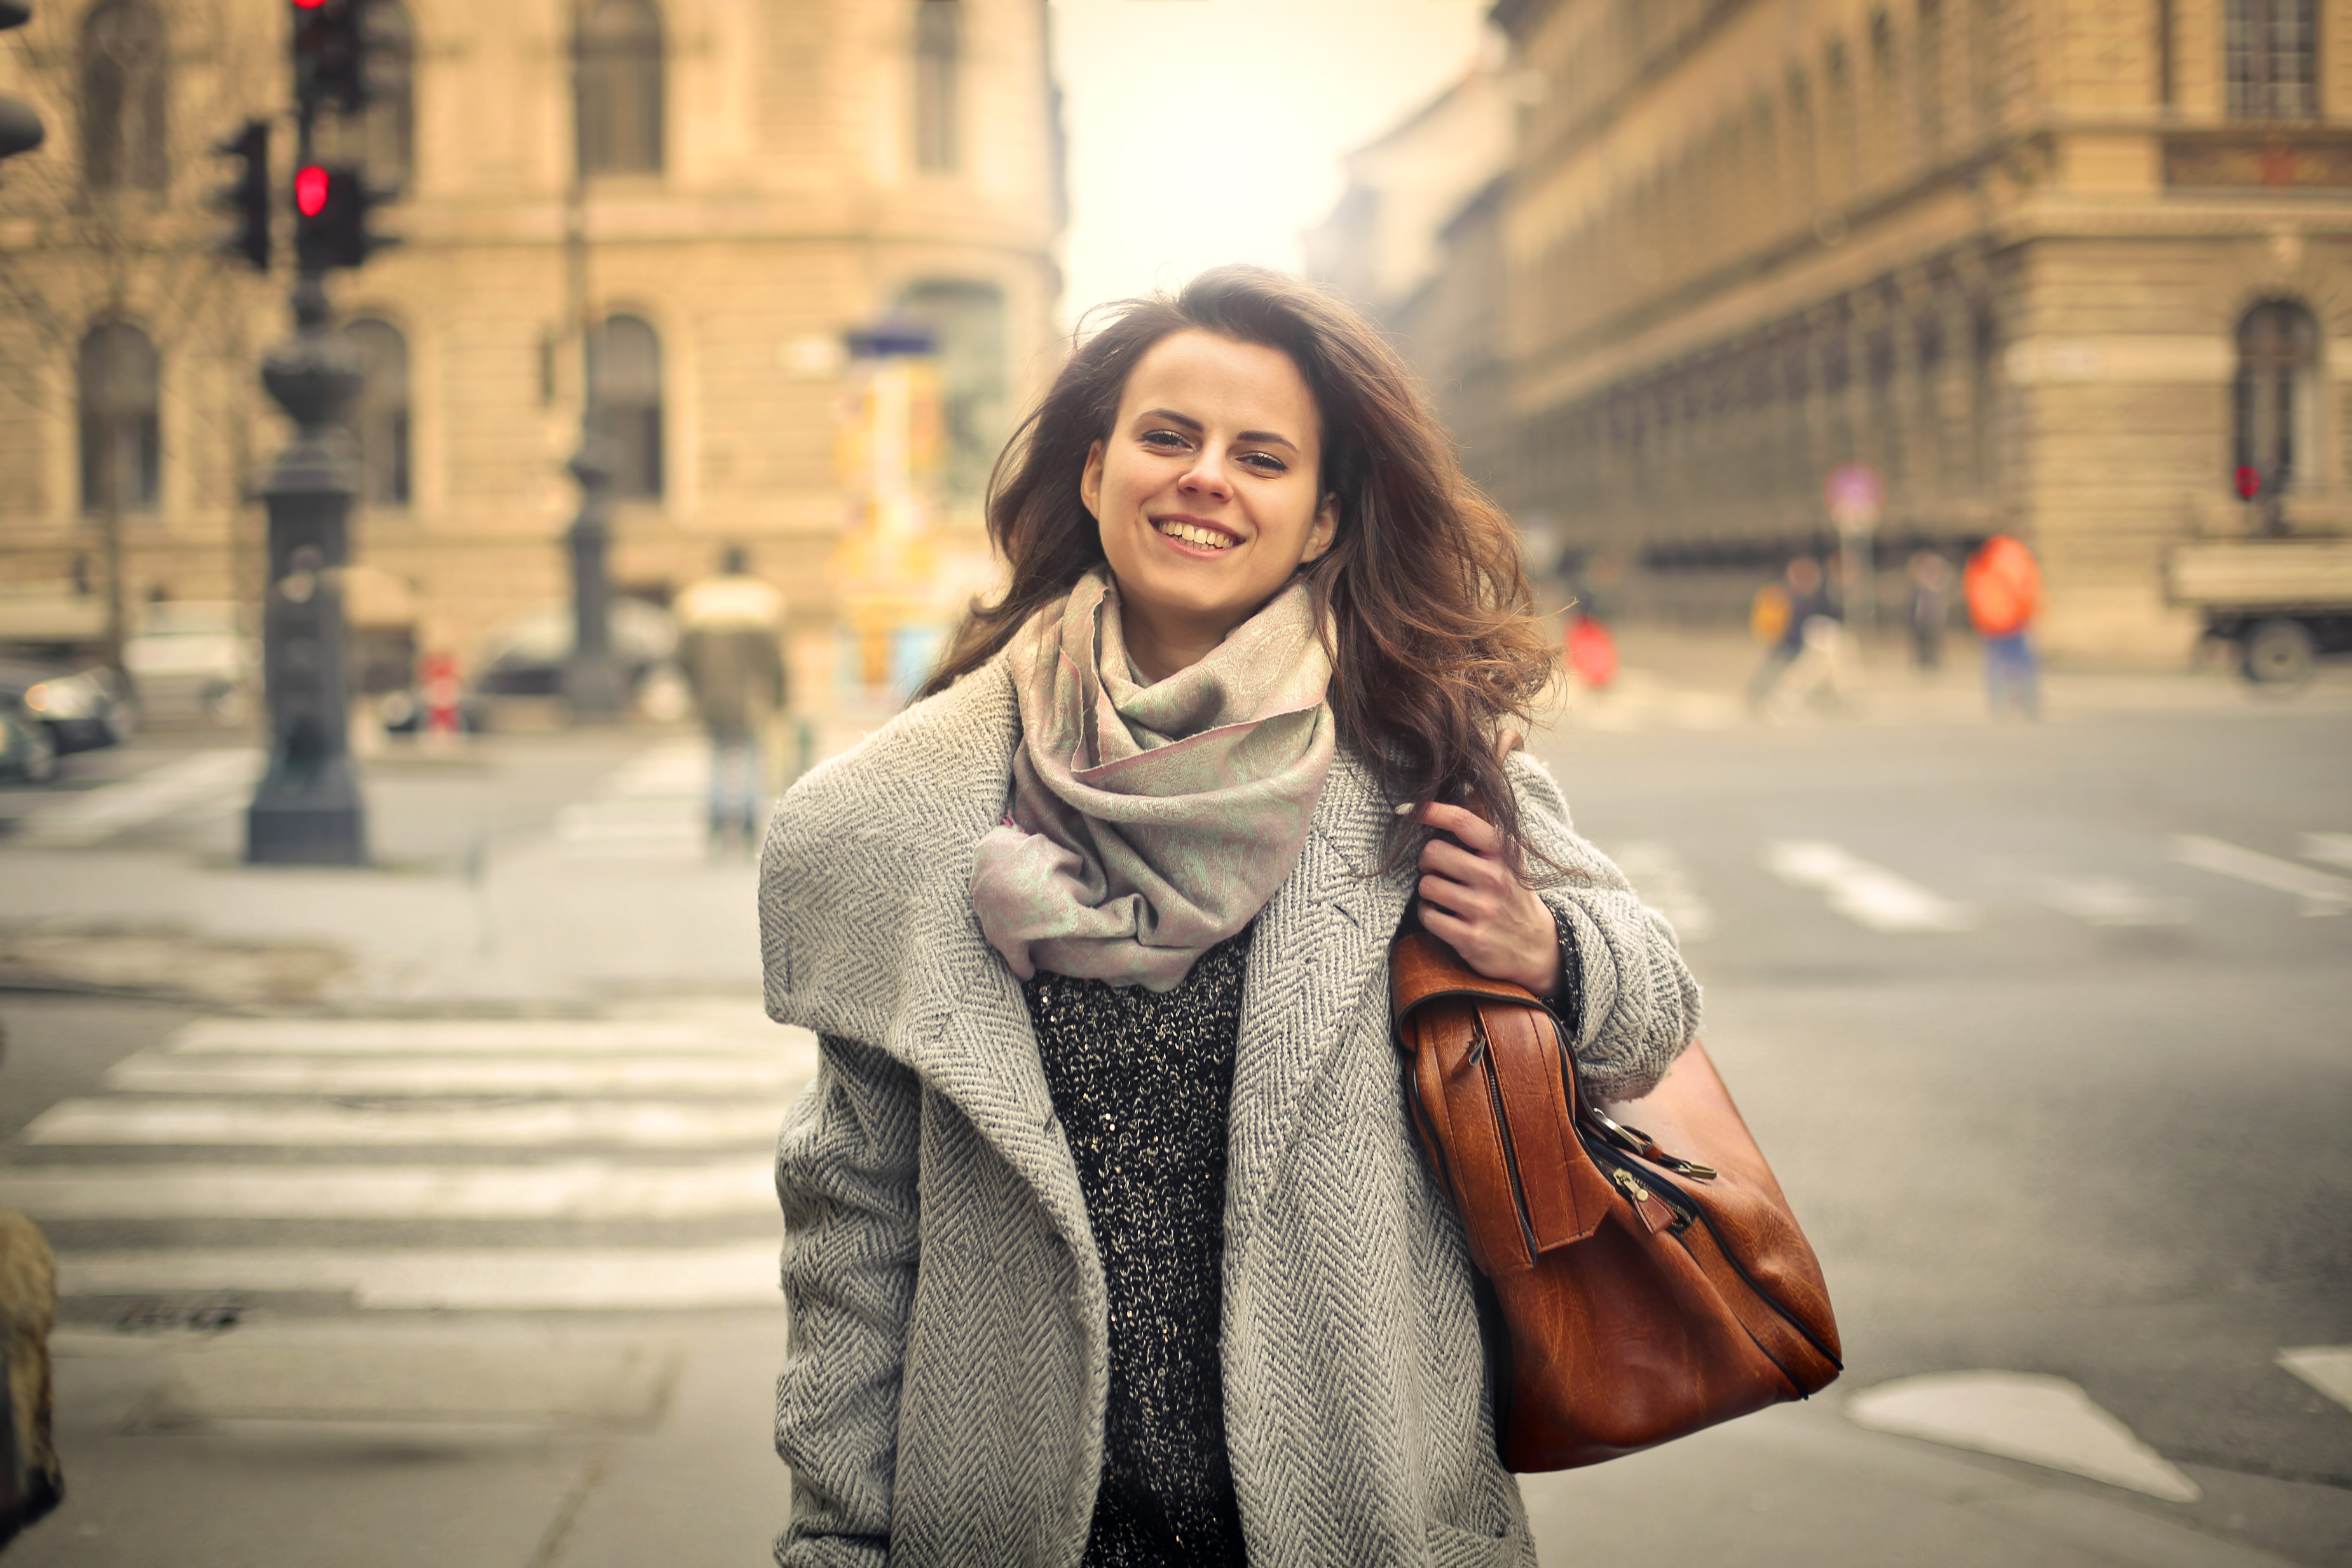 Leende tjej i stan